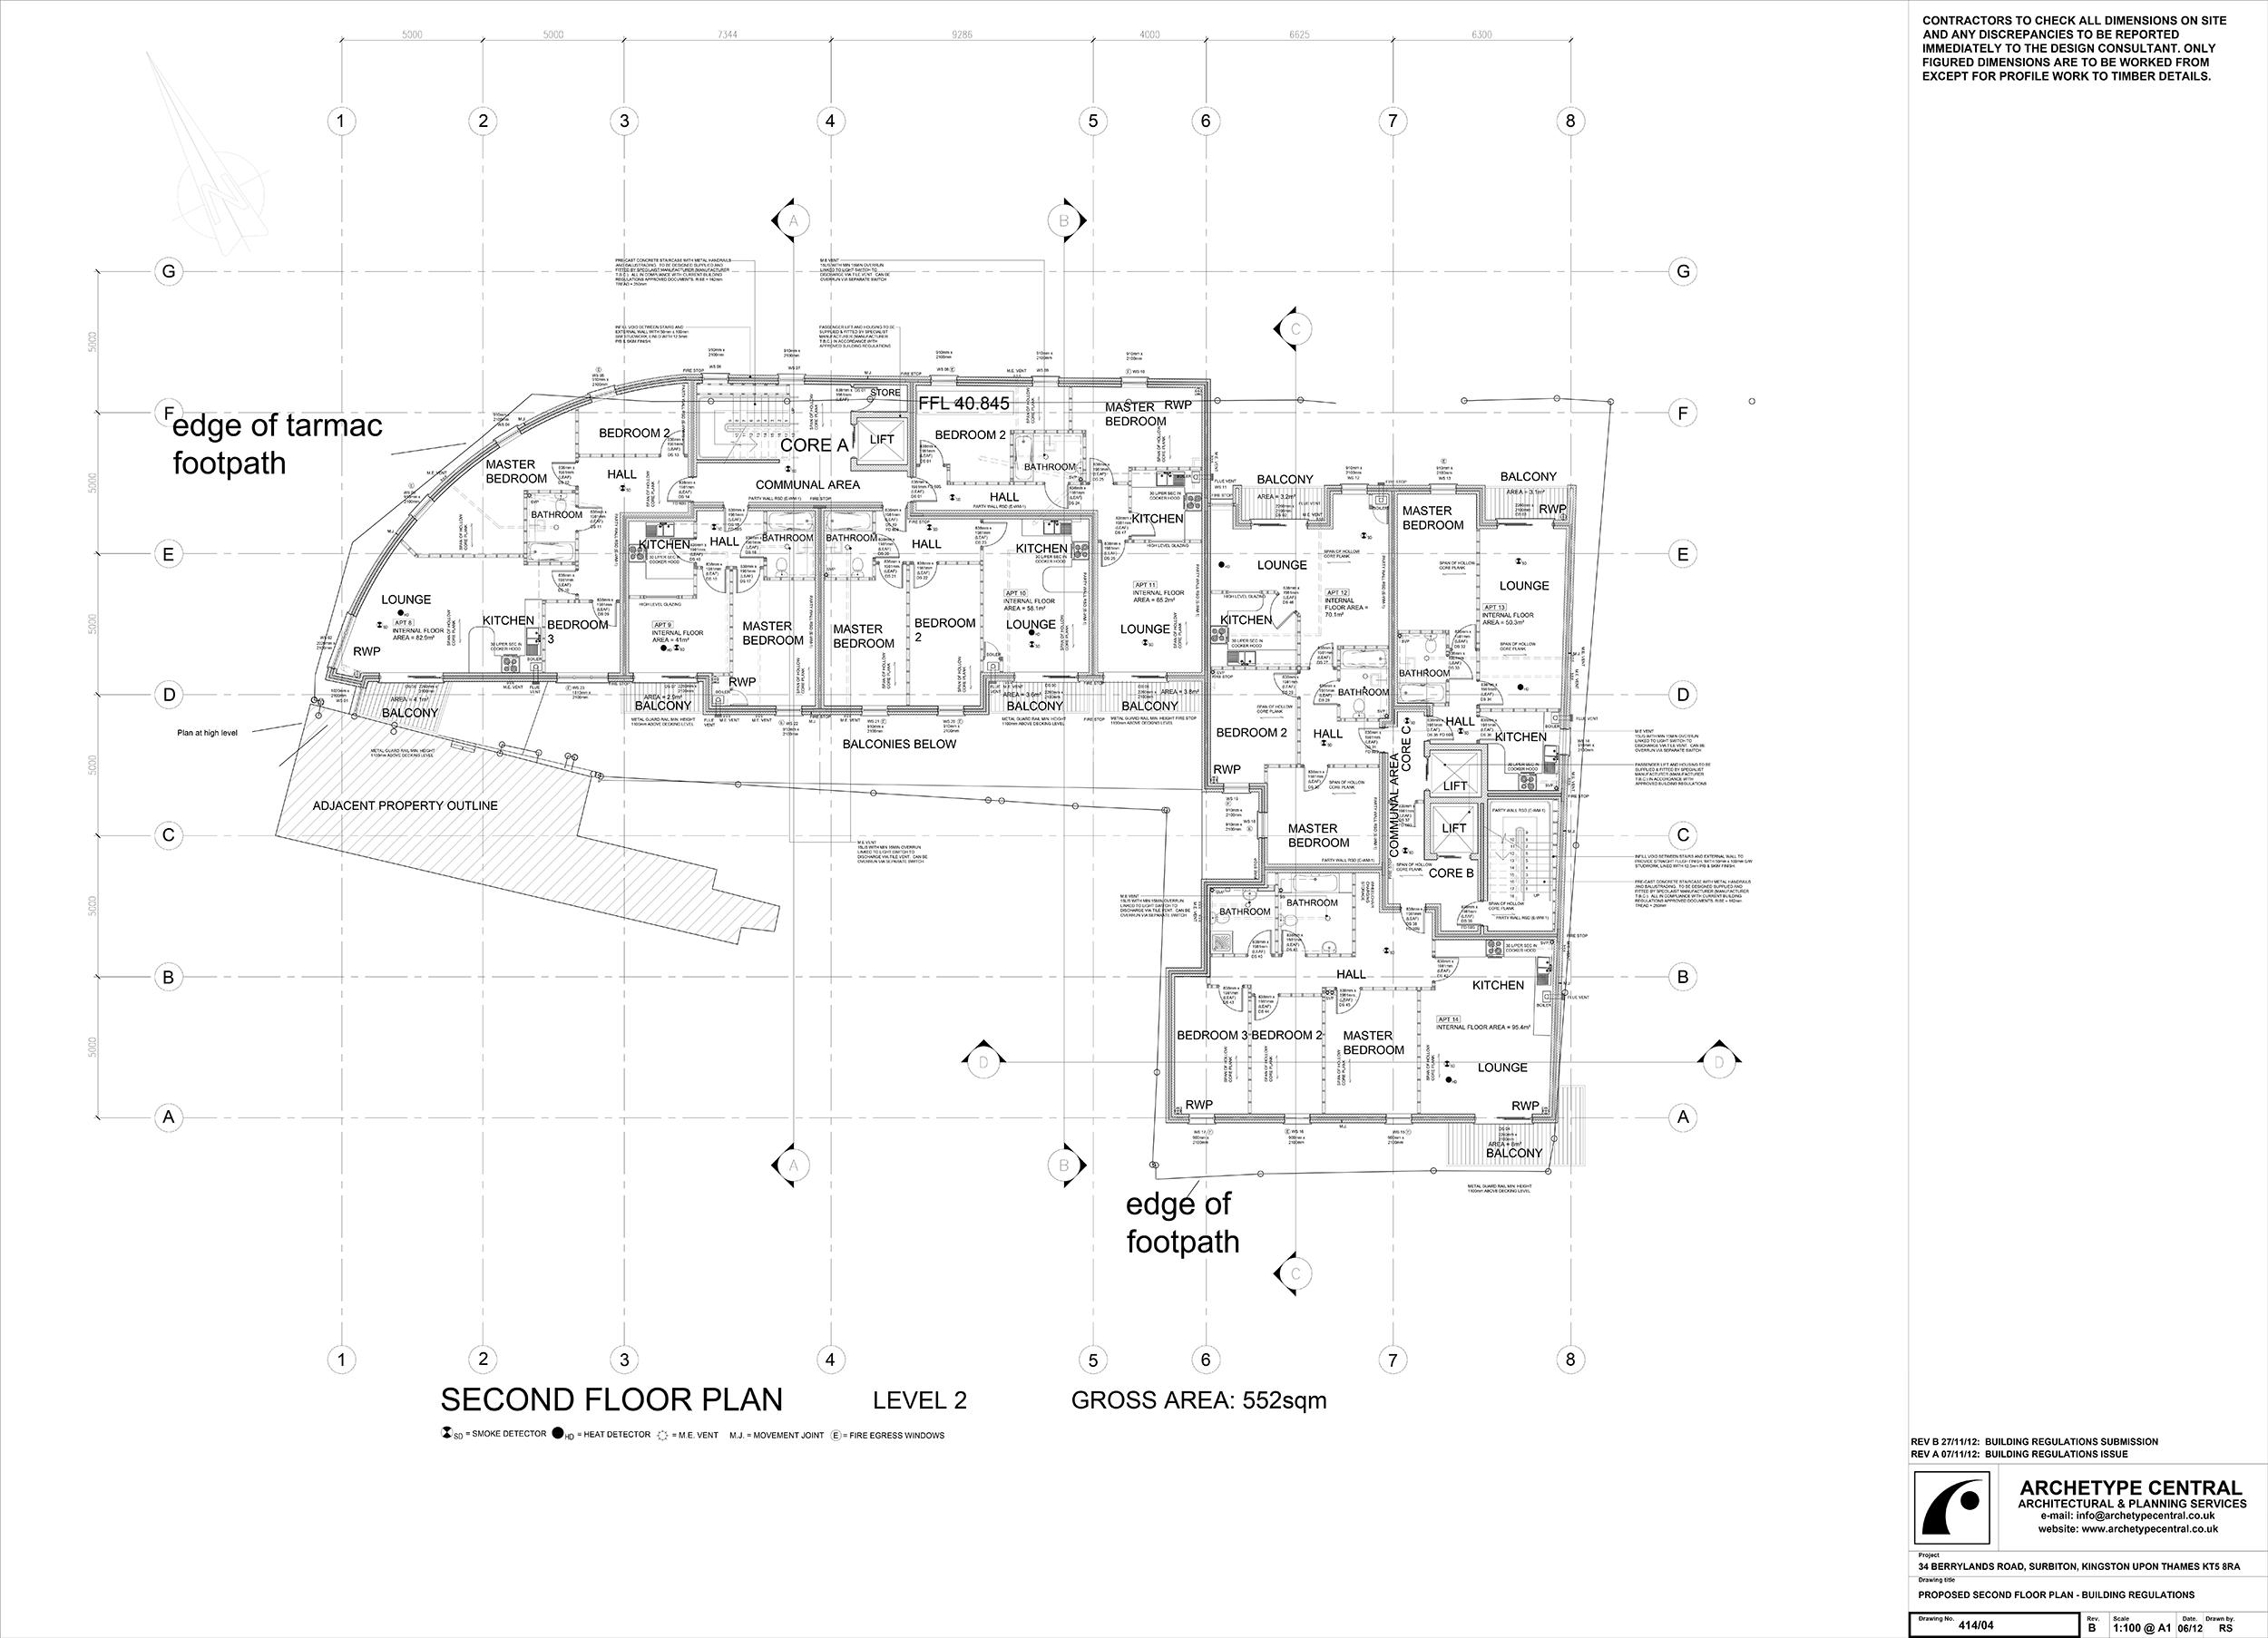 BERRYLANDS - SECOND FLOOR PLAN